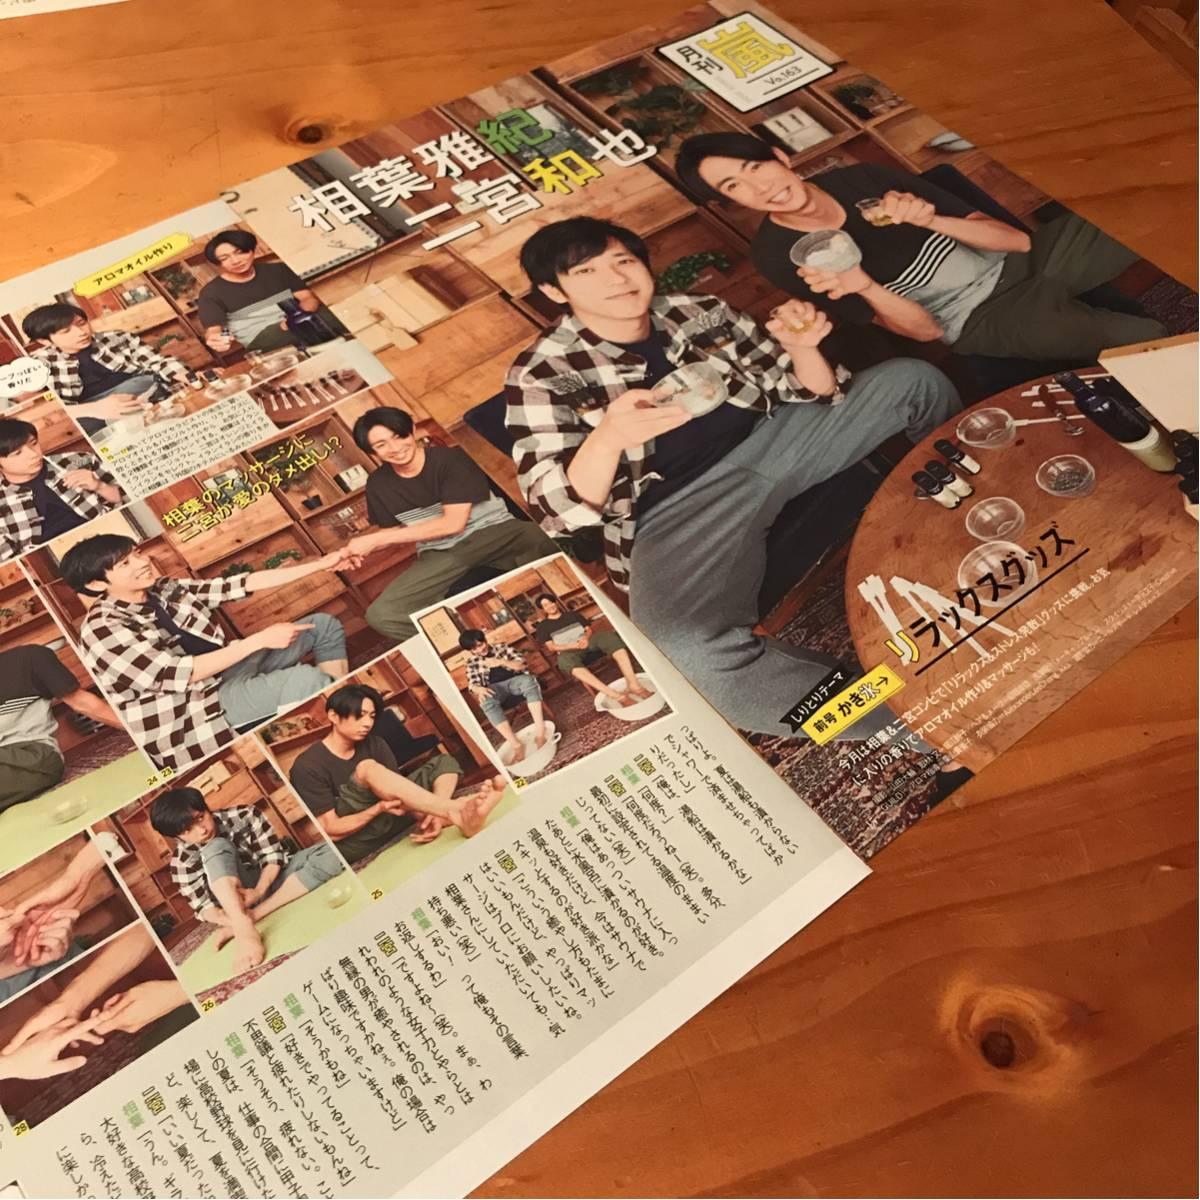 月刊 嵐 163 ザテレビジョン 相葉雅紀 二宮和也